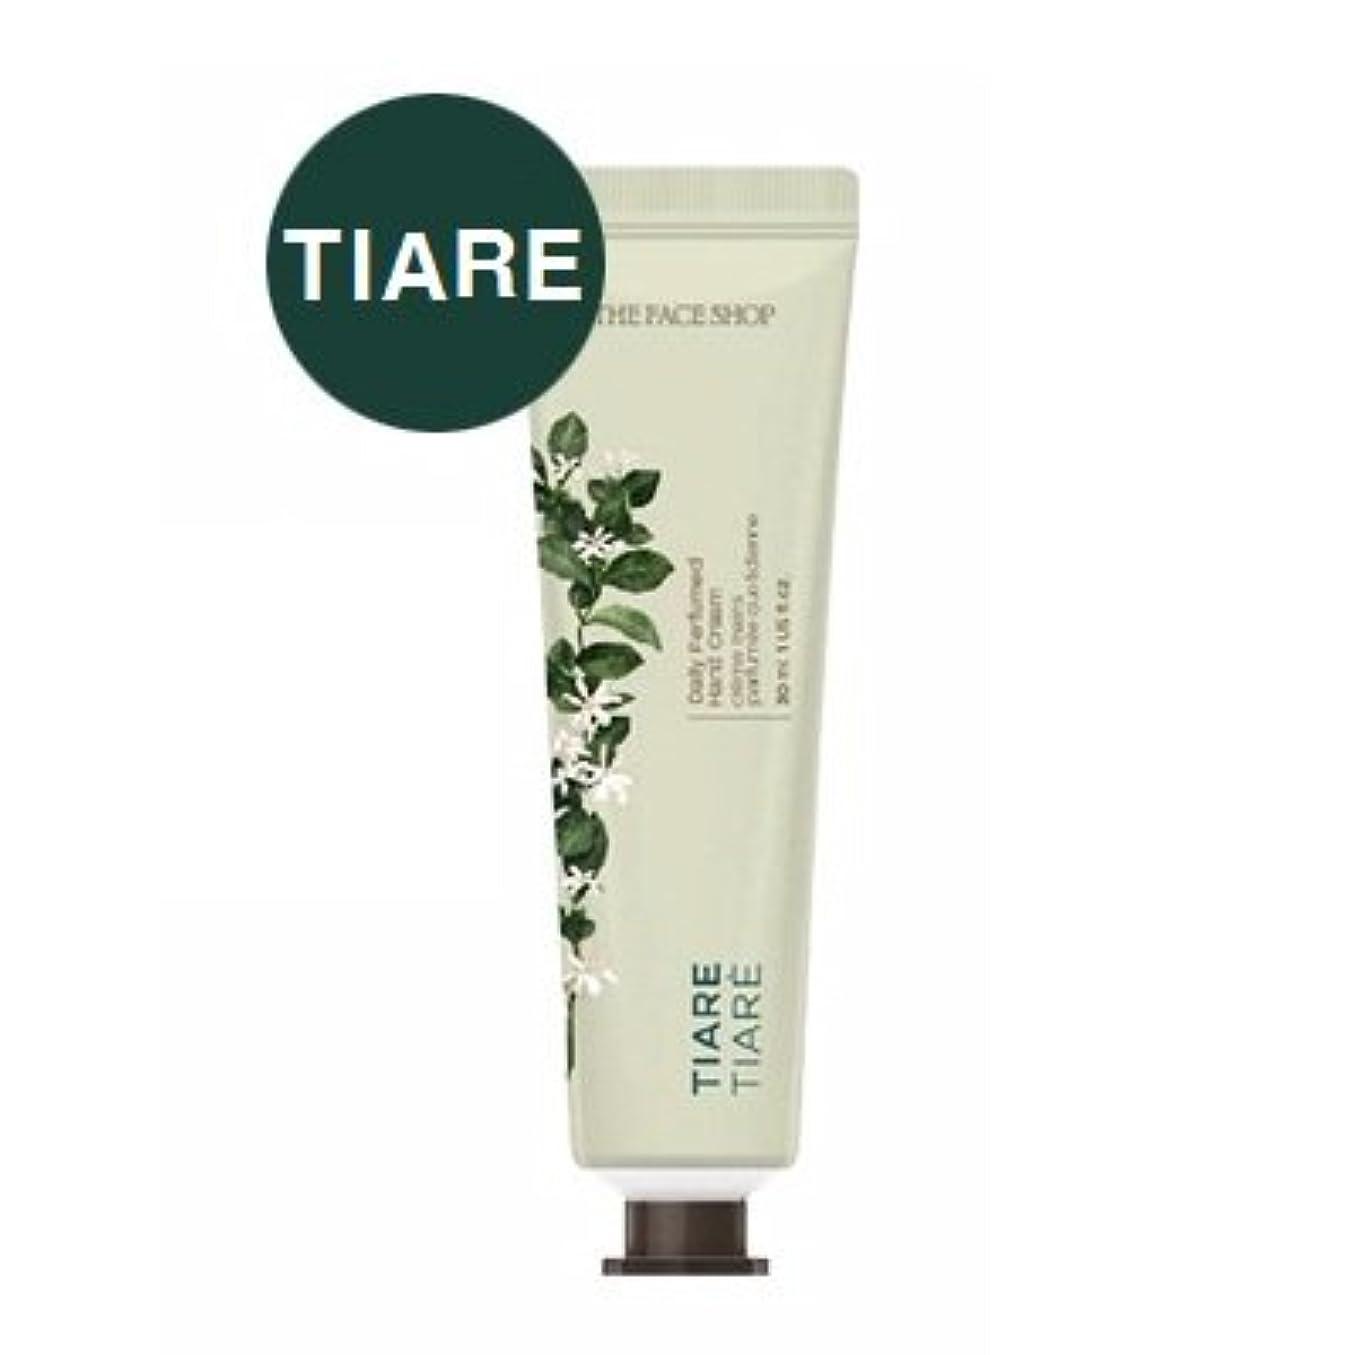 ささいなグラスコロニーTHE FACE SHOP Daily Perfume Hand Cream [02. Tiare] ザフェイスショップ デイリーパフュームハンドクリーム [02. ティアレ] [new] [並行輸入品]